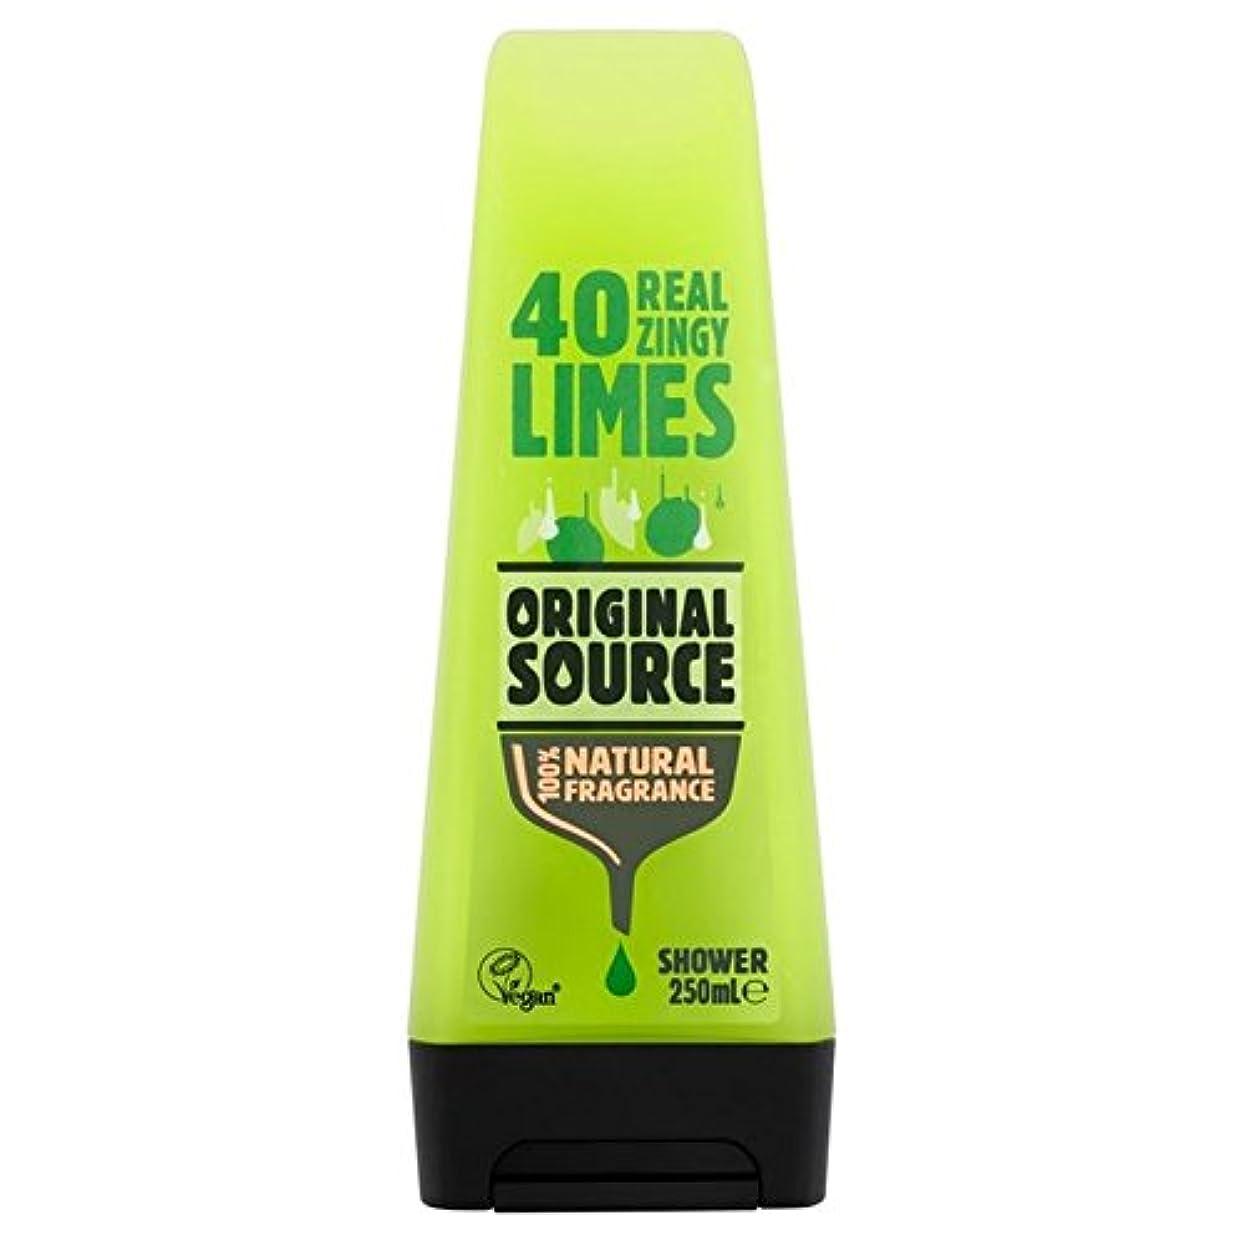 前置詞駅キャップ元のソースライムシャワージェル250ミリリットル x2 - Original Source Lime Shower Gel 250ml (Pack of 2) [並行輸入品]